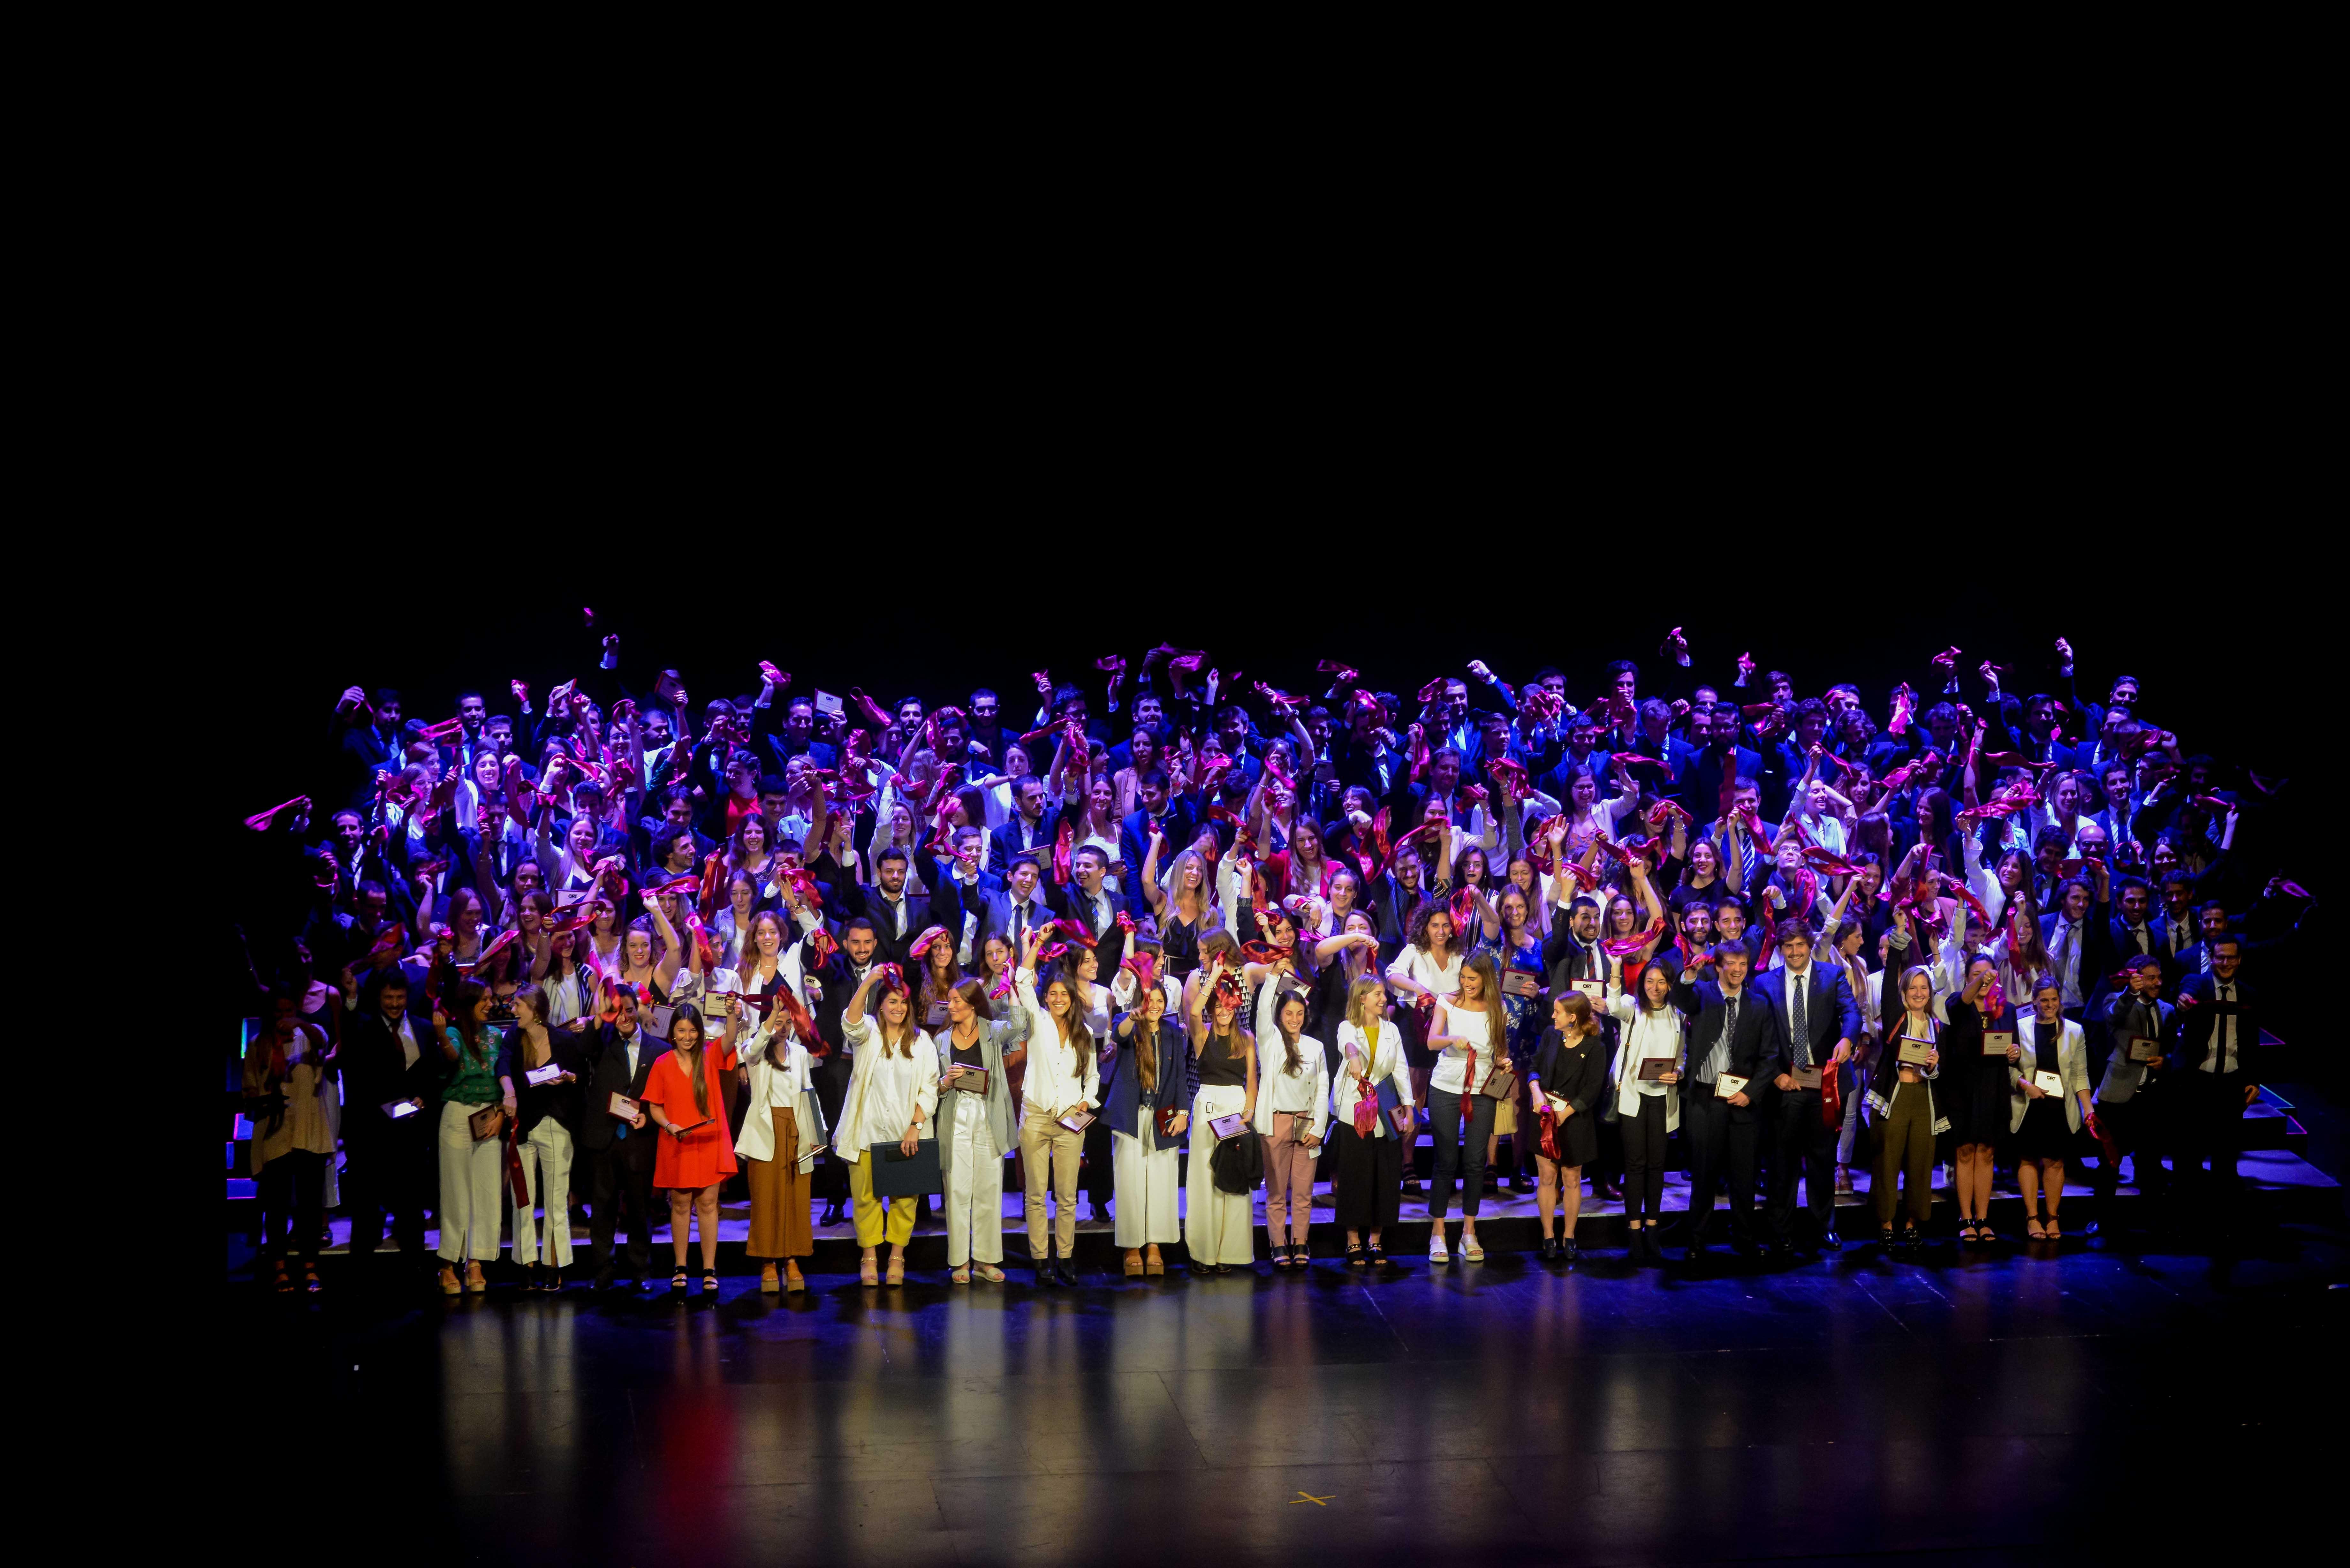 Ceremonia de graduación - Universidad ORT Uruguay